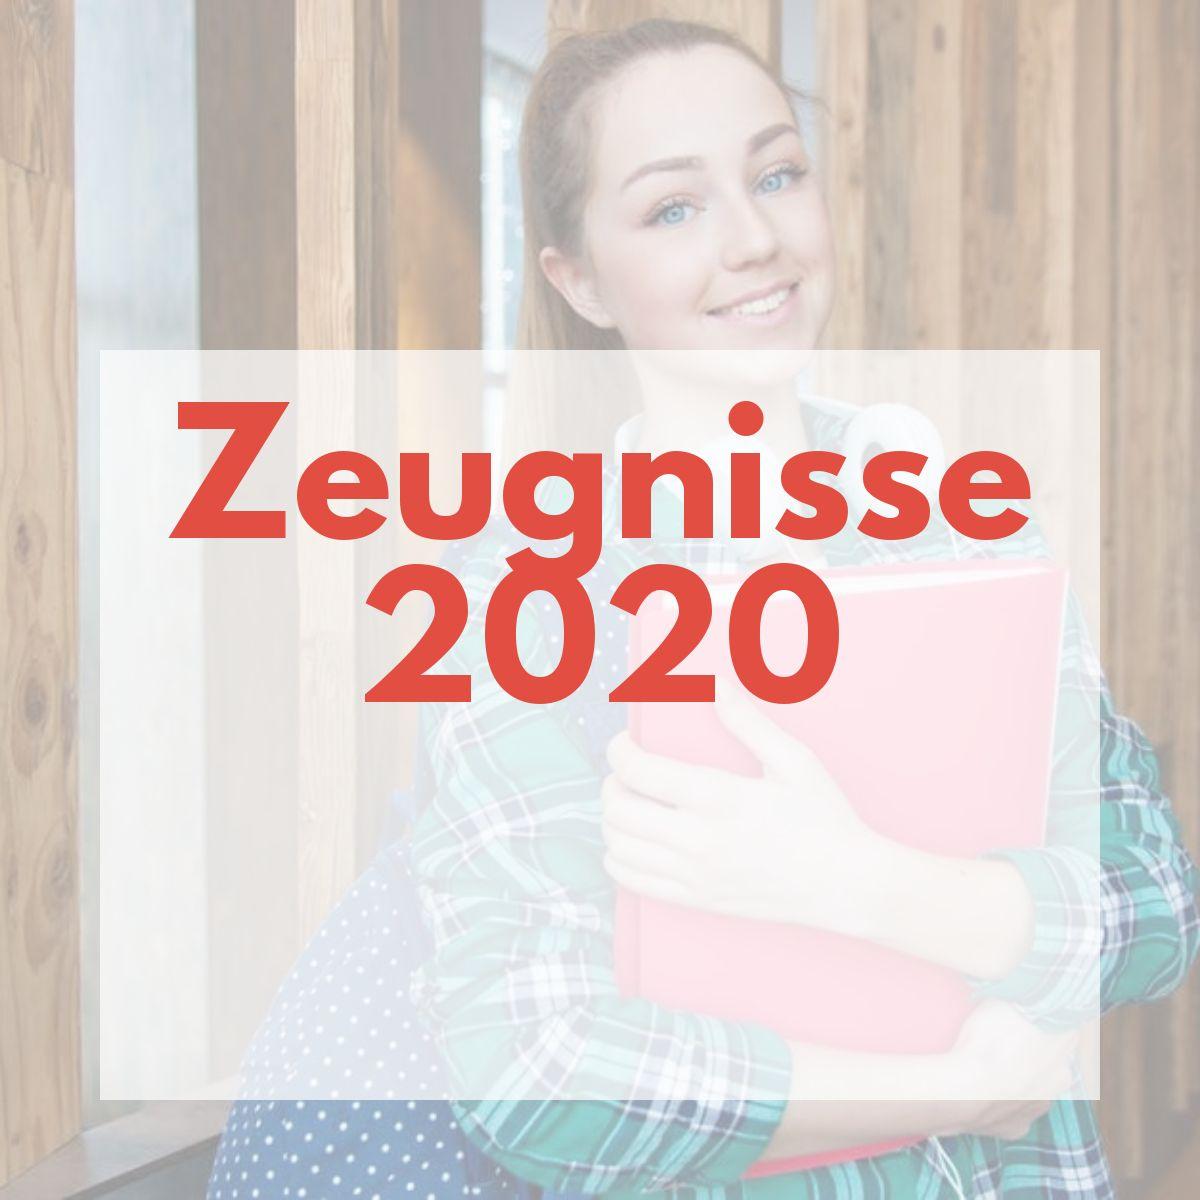 Zeugnisse 2020